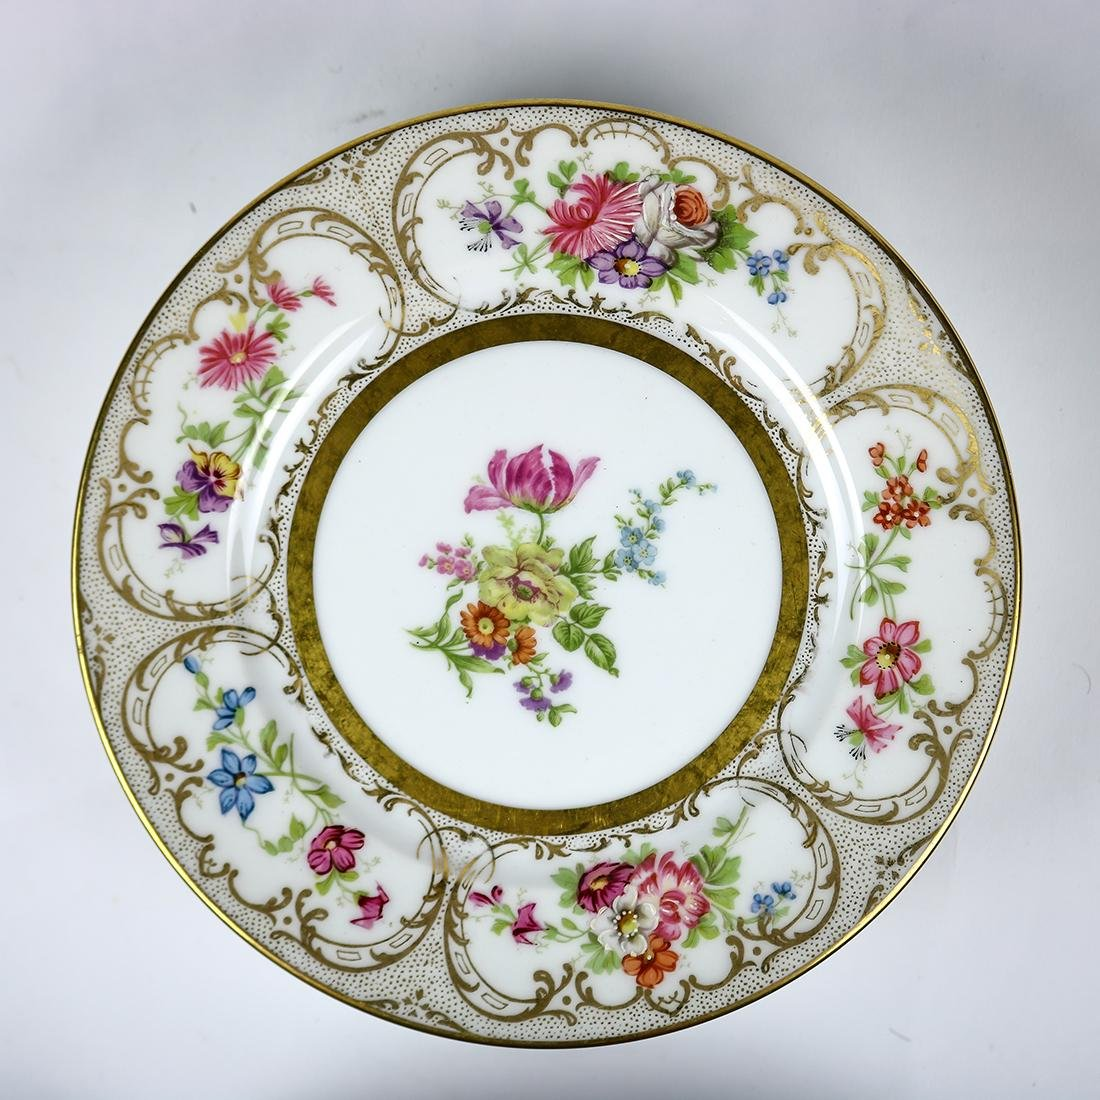 Limoges porcelain dessert plates - 3